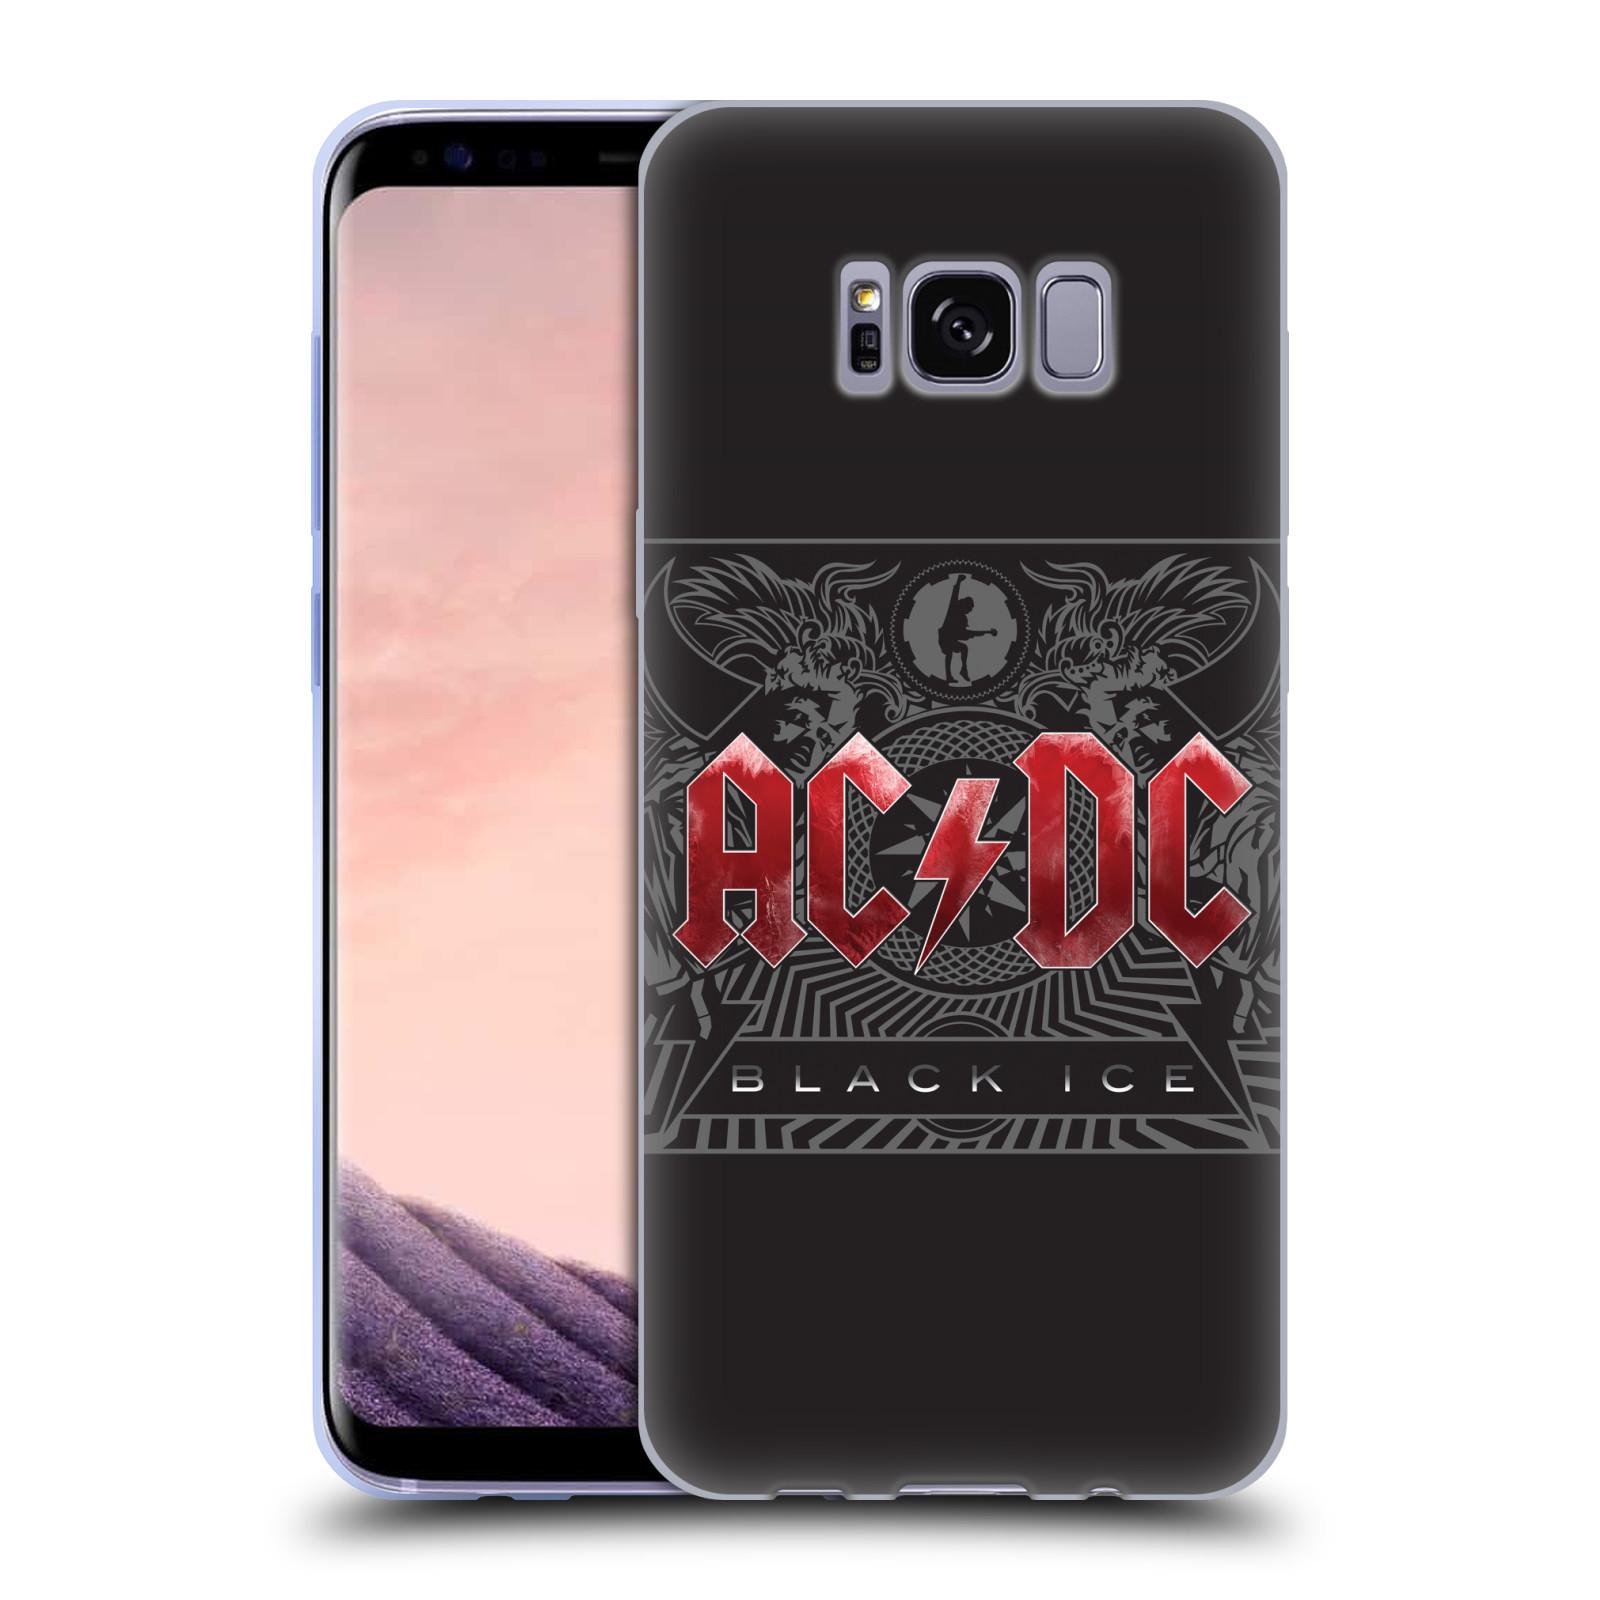 Silikonové pouzdro na mobil Samsung Galaxy S8 Head Case AC/DC Black Ice (Silikonový kryt či obal na mobilní telefon s oficiálním motivem australské skupiny AC/DC pro Samsung Galaxy S8 SM-G9500)